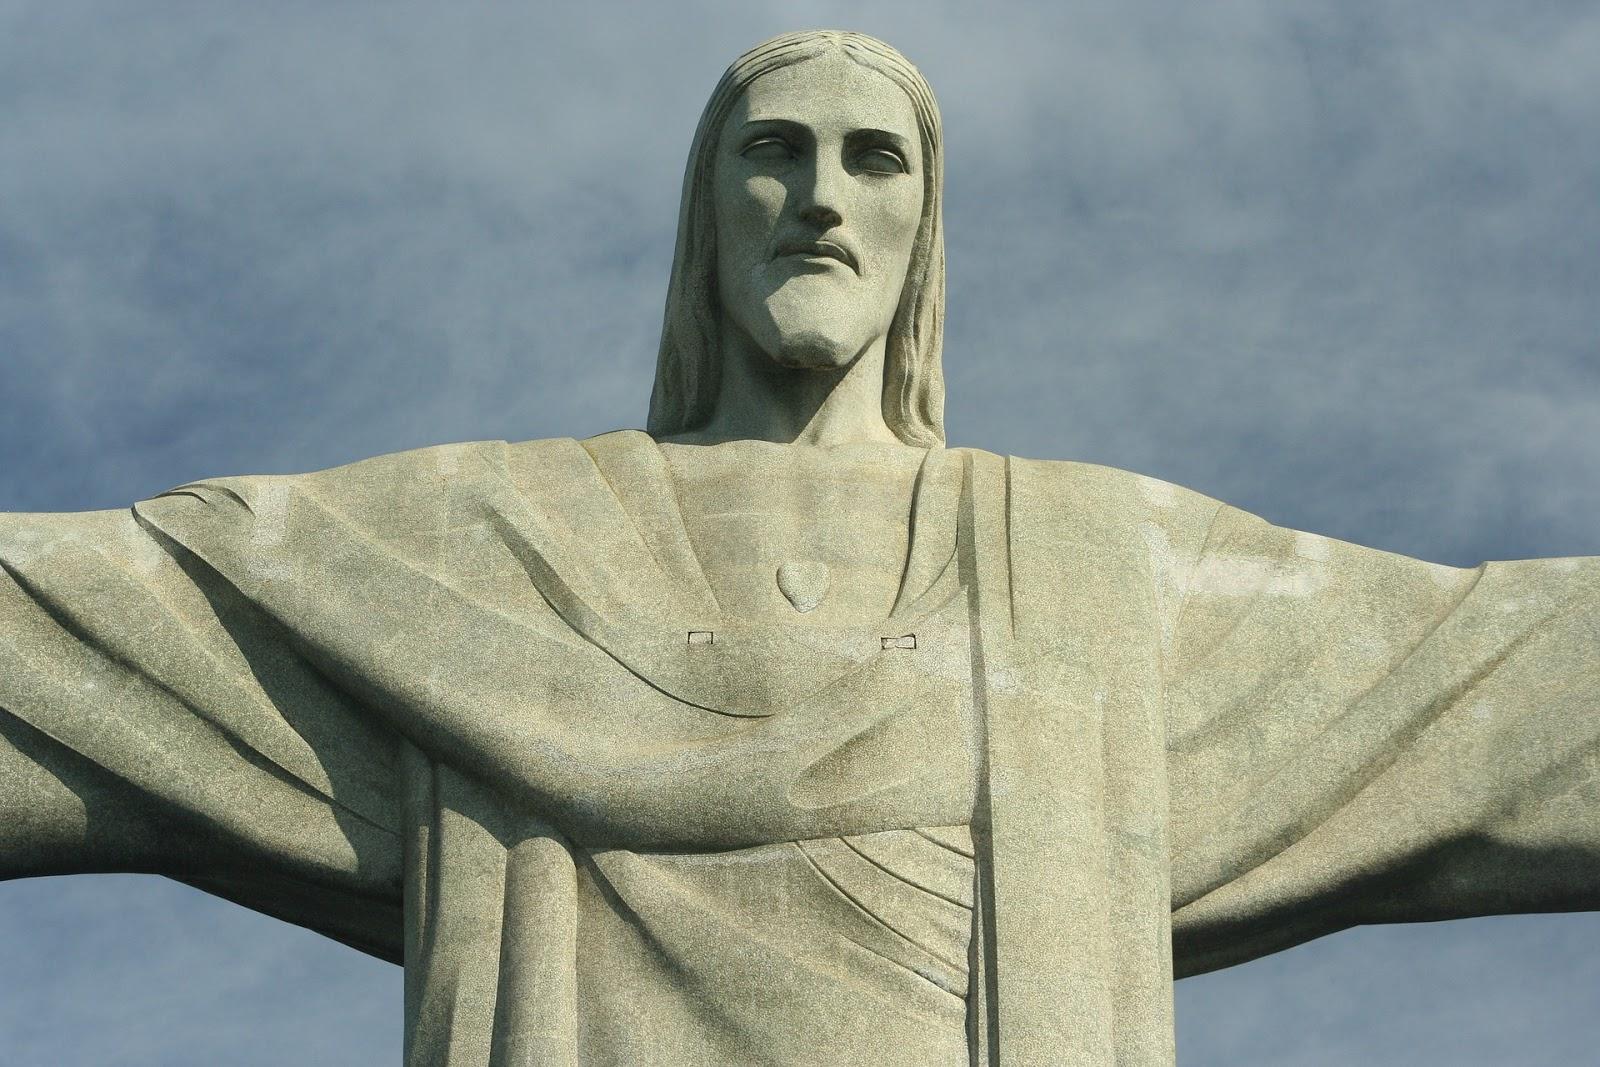 Sou Brasil | Sisbran